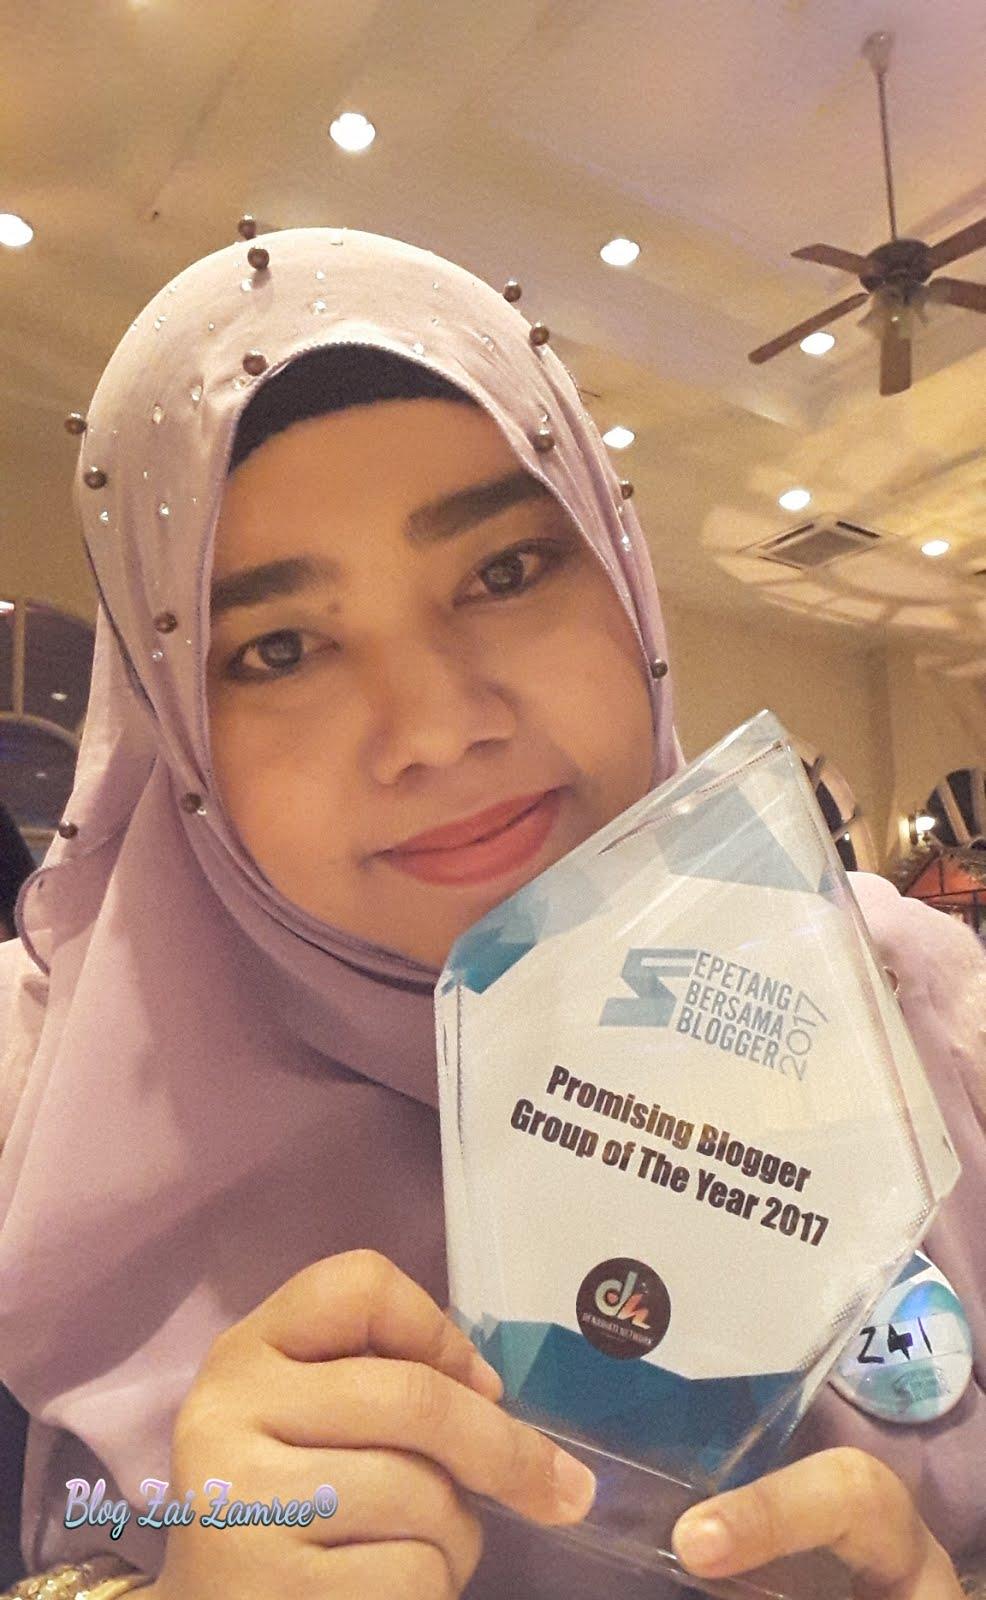 Anugerah dari Denaihati Network